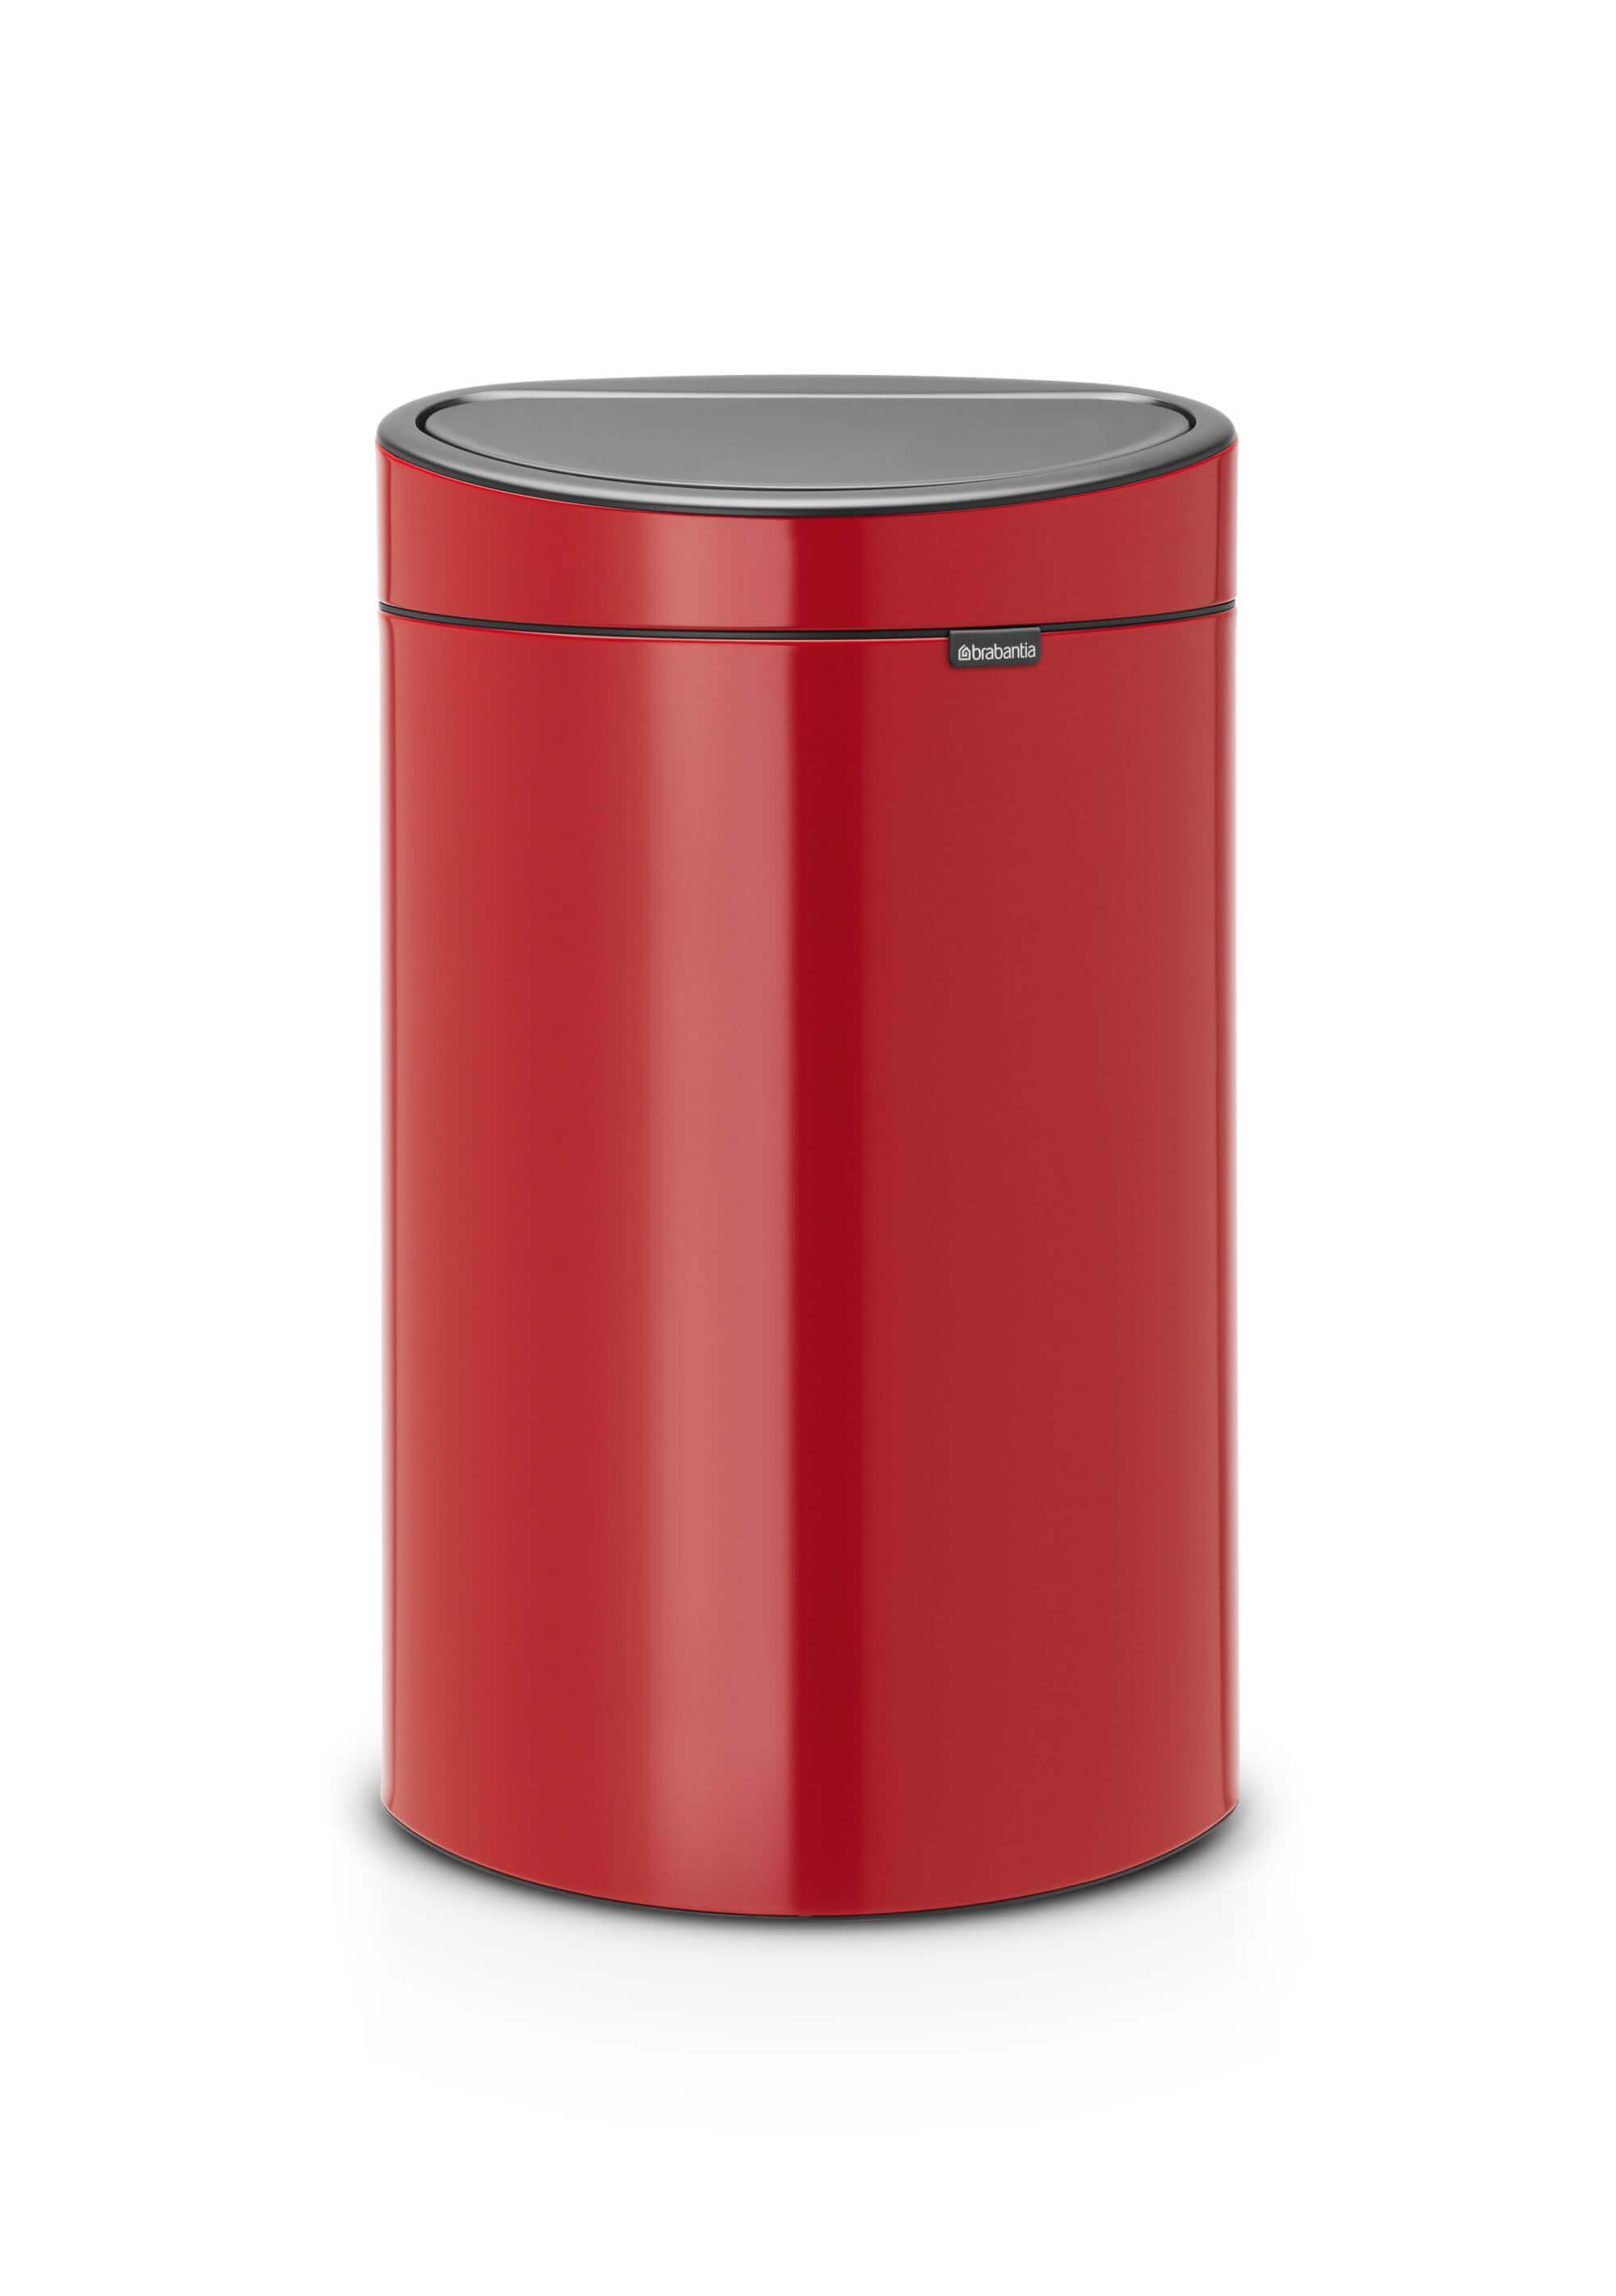 Brabantia Vuilnisbak 40 Liter.Brabantia Touch Bin 40 Liter Passion Red Brabantia Touch Bin 40 Liter Passion Red